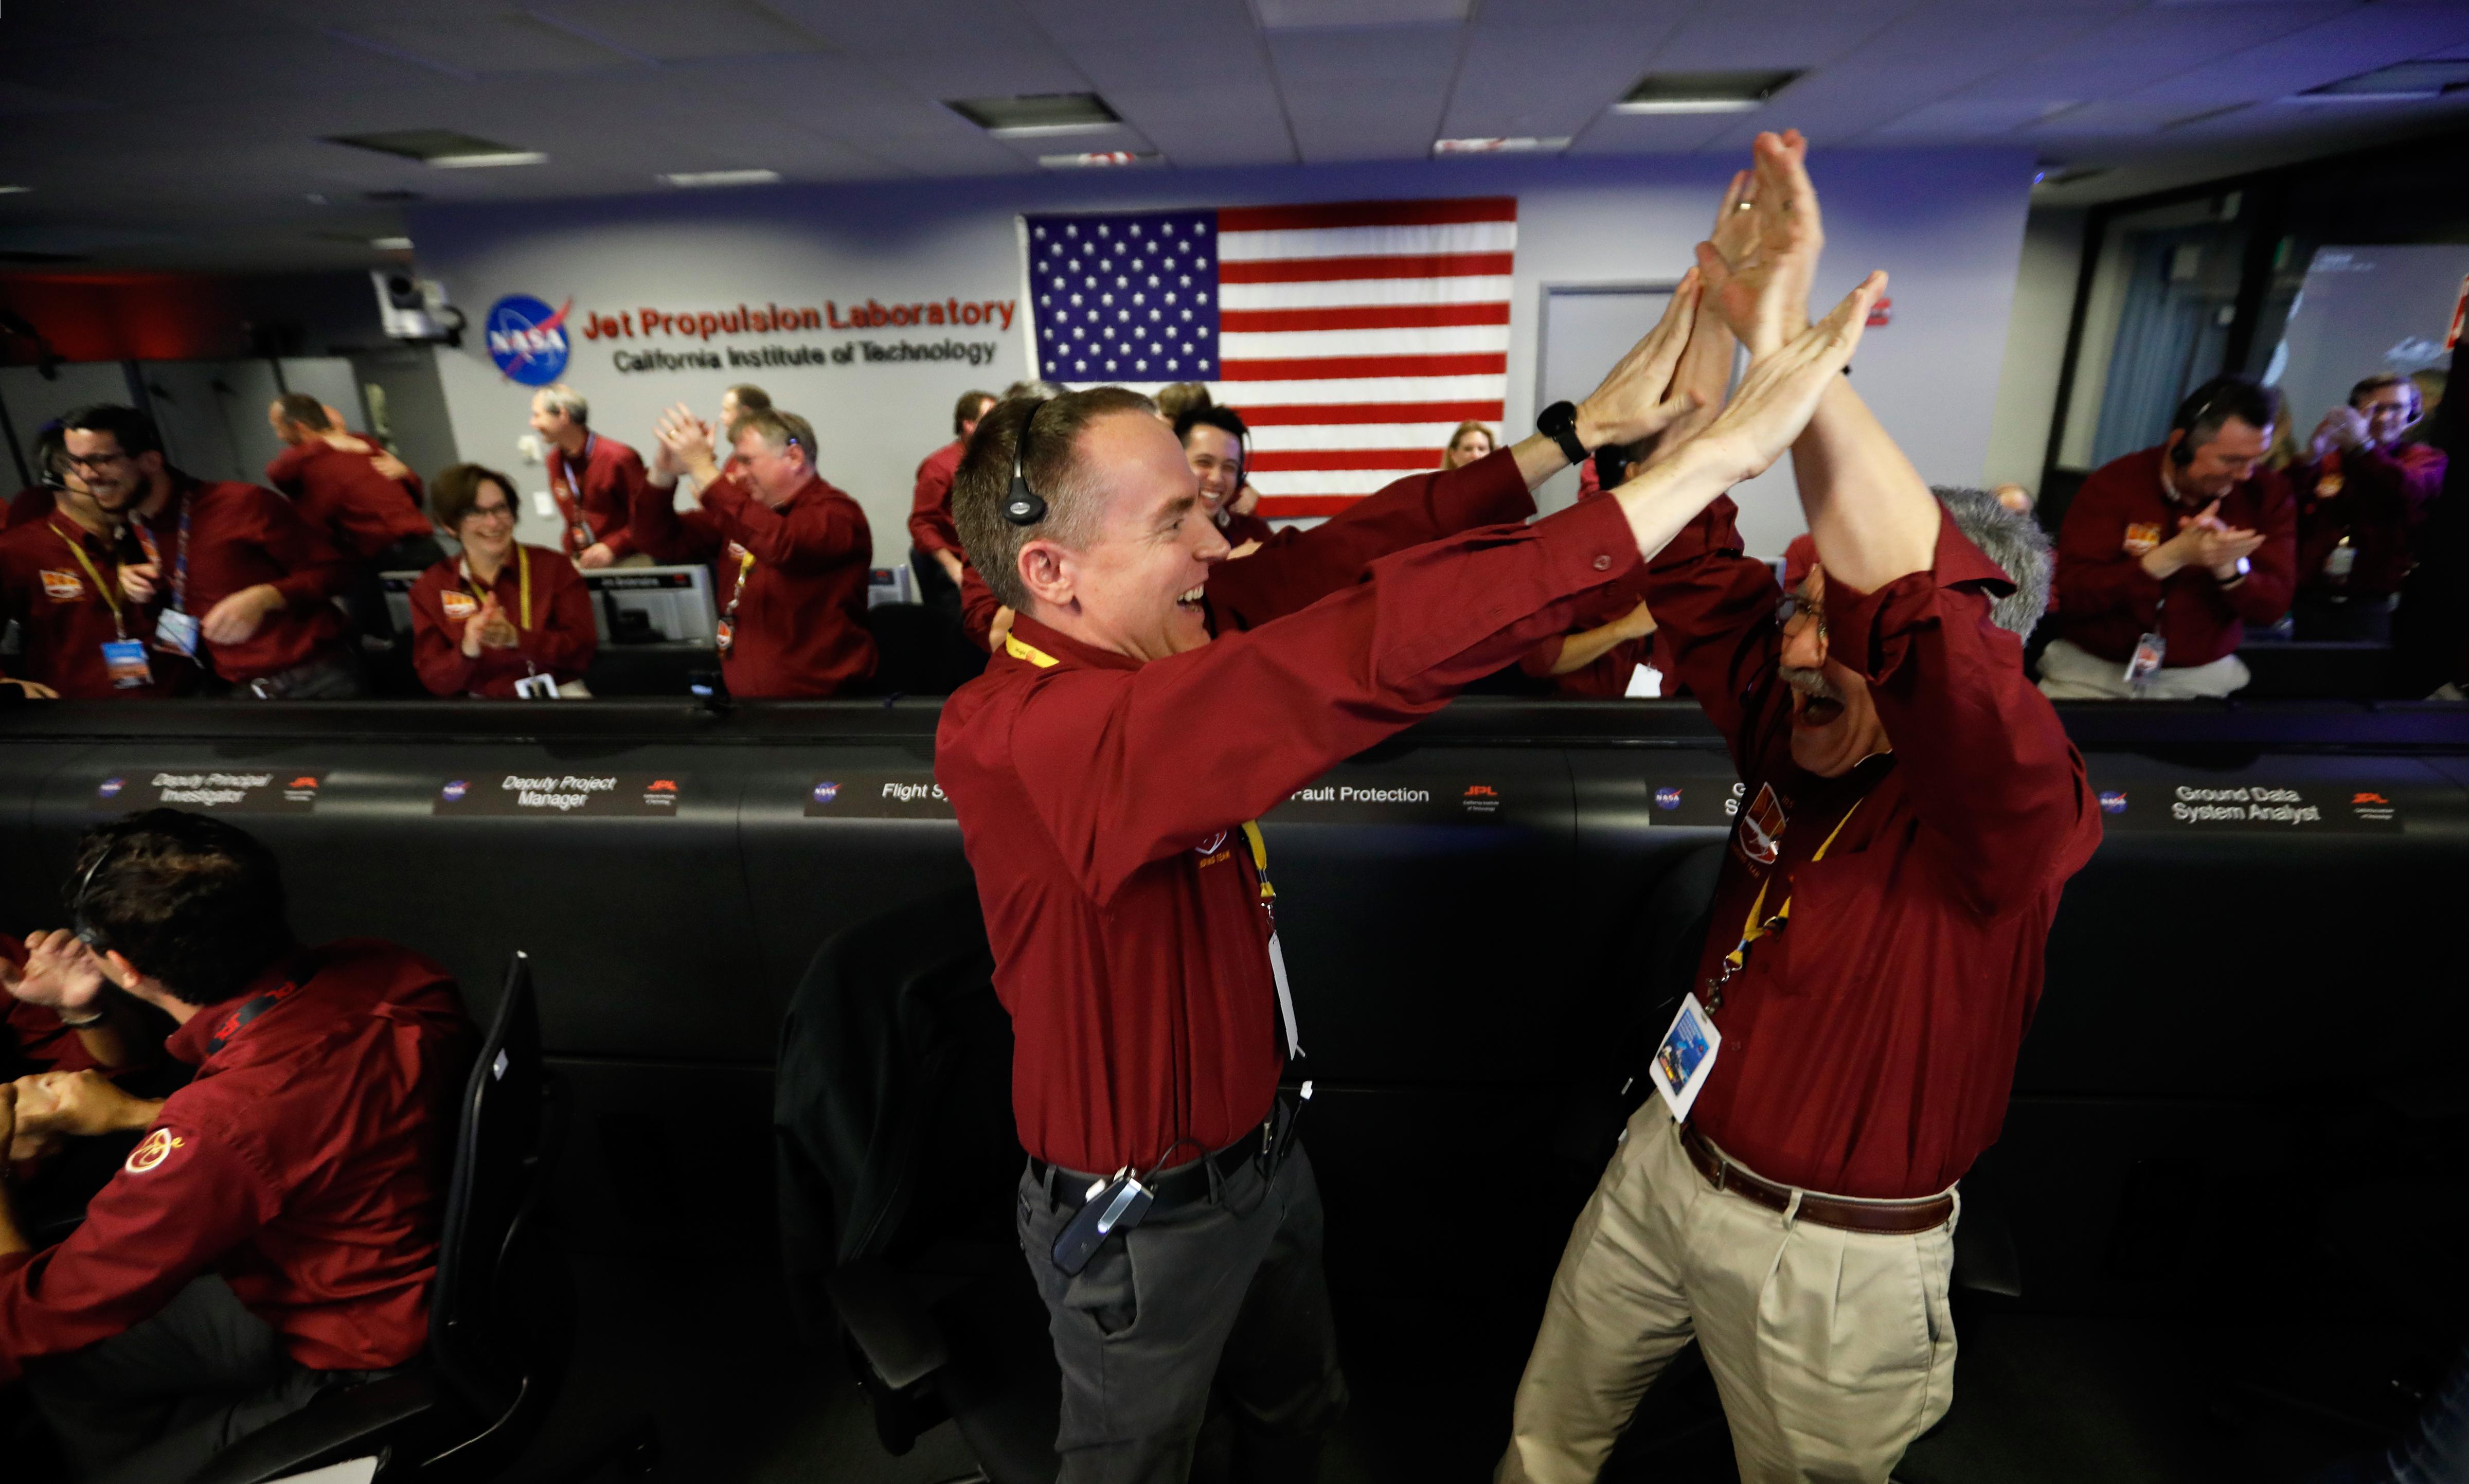 Ingenieros de la NASA celebran el aterrizaje exitoso de la sonda InSight en la superficie de Marte. Foto: AFP.